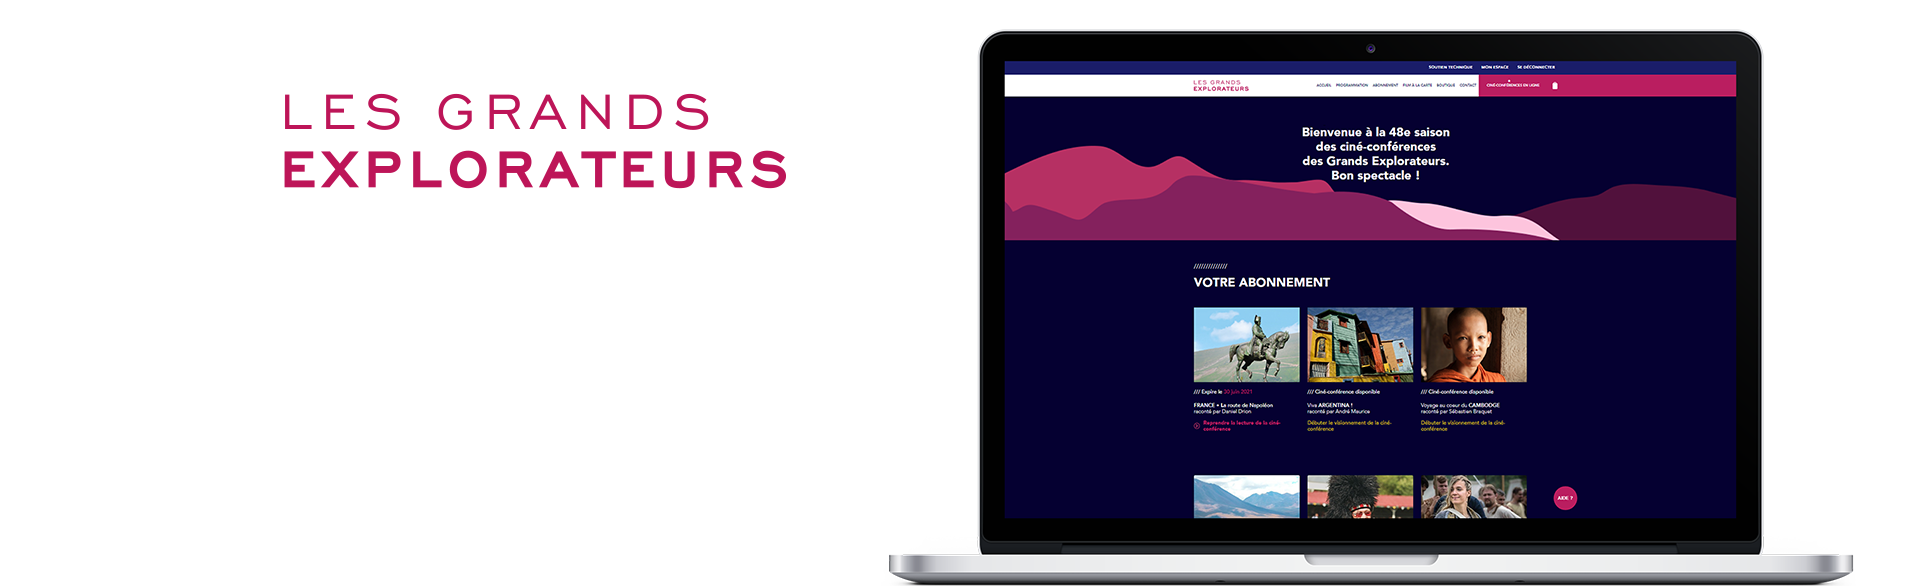 Image de présentation Agence création web montréalaise prône le virage numérique pour la relance économique